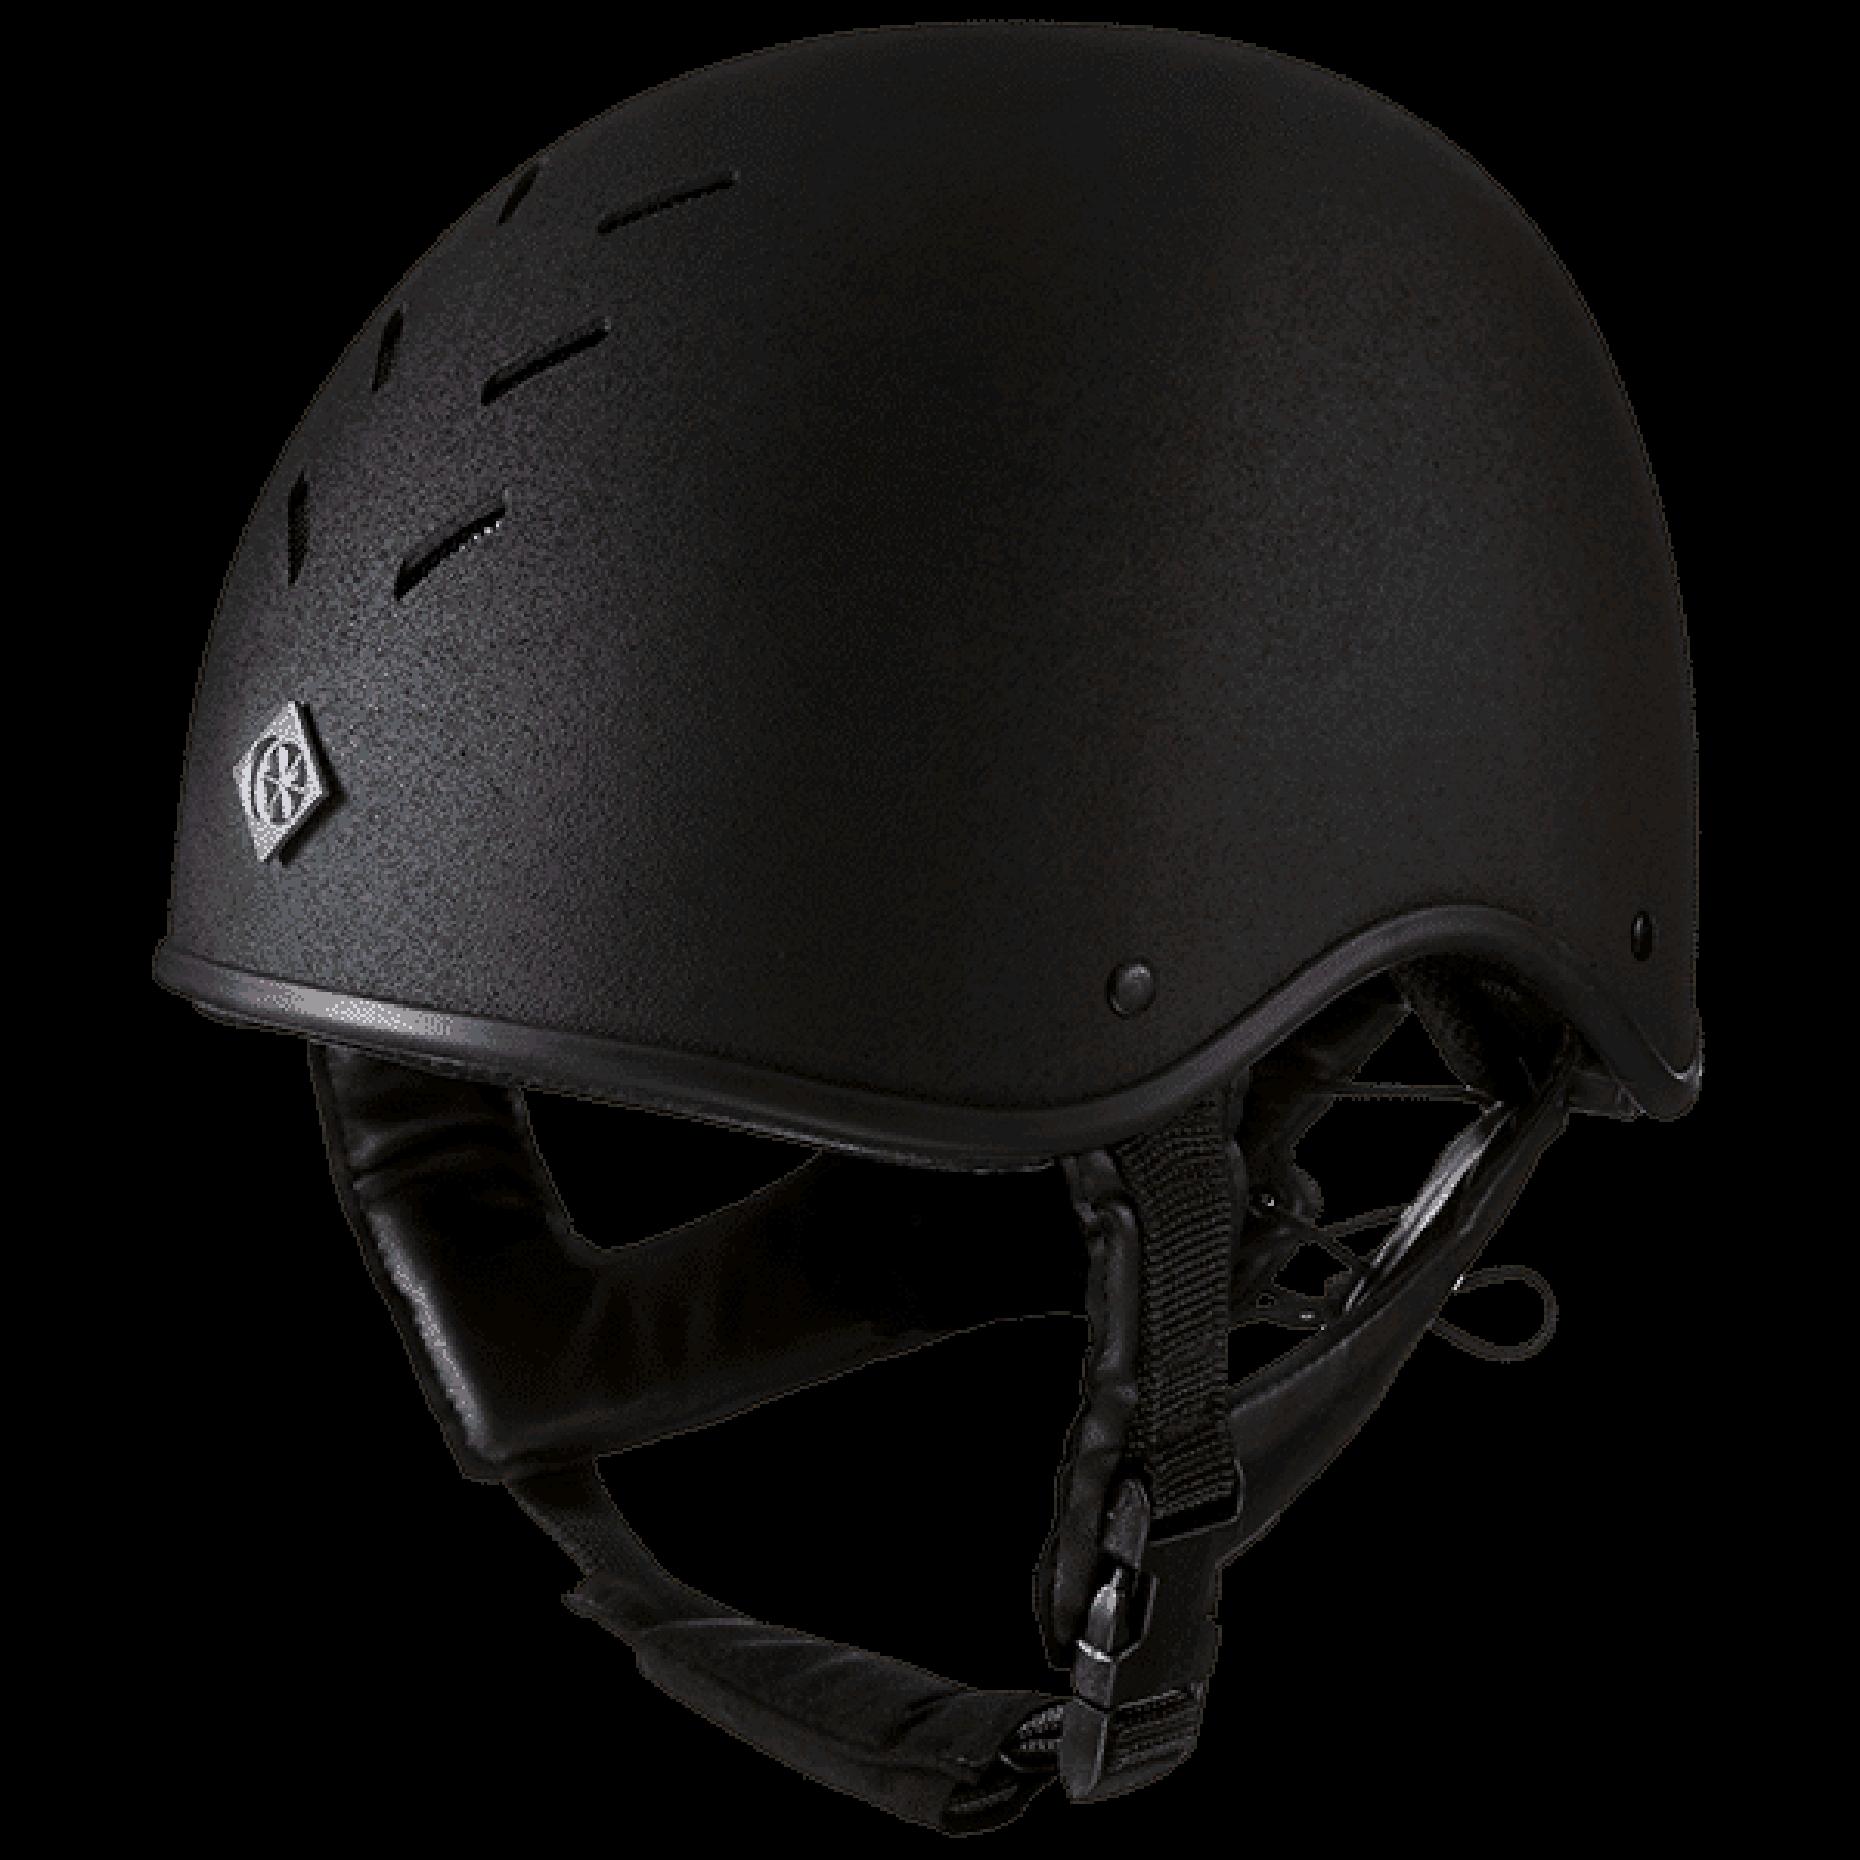 Charles Owen MS1 Pro Jockey Skull